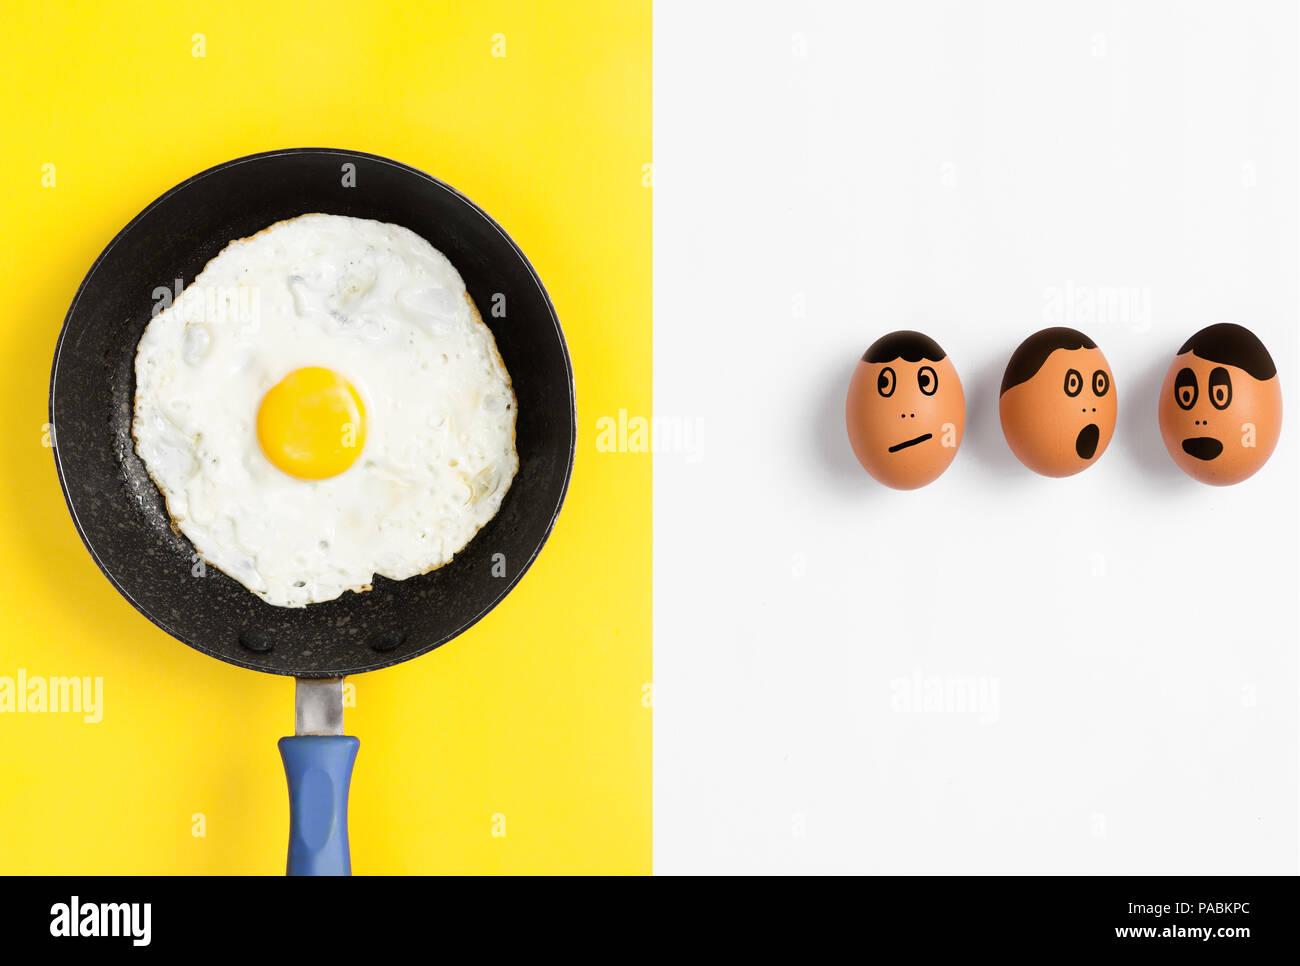 Uovo fritto in padella con facce disegnato su uova crude guardando preoccupato, piatto laici immagine alimentare Immagini Stock